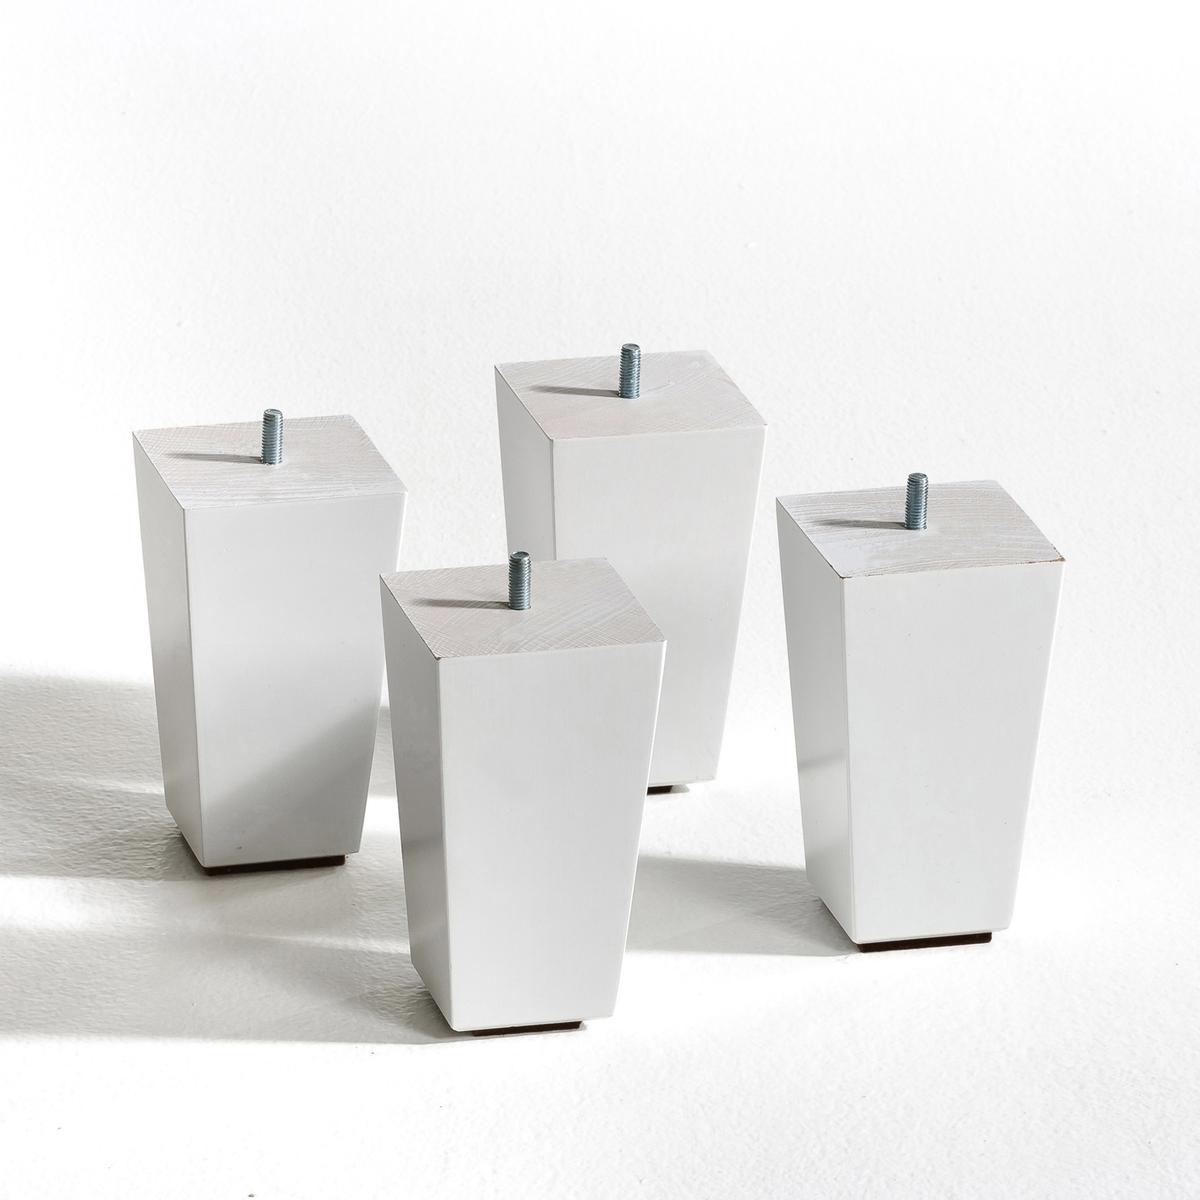 4 ножки для кровати TrapecioХарактеристики: - Выполнены из бука, покрытого белым лаком. Размеры: - Общ.: ширина 8,2 x глубина 8,2 см.- Основание: ширина 6 x глубина 6 см. - 2 высоты на выбор: 15 или 20 см.<br><br>Цвет: белый,черный лак<br>Размер: 20cm